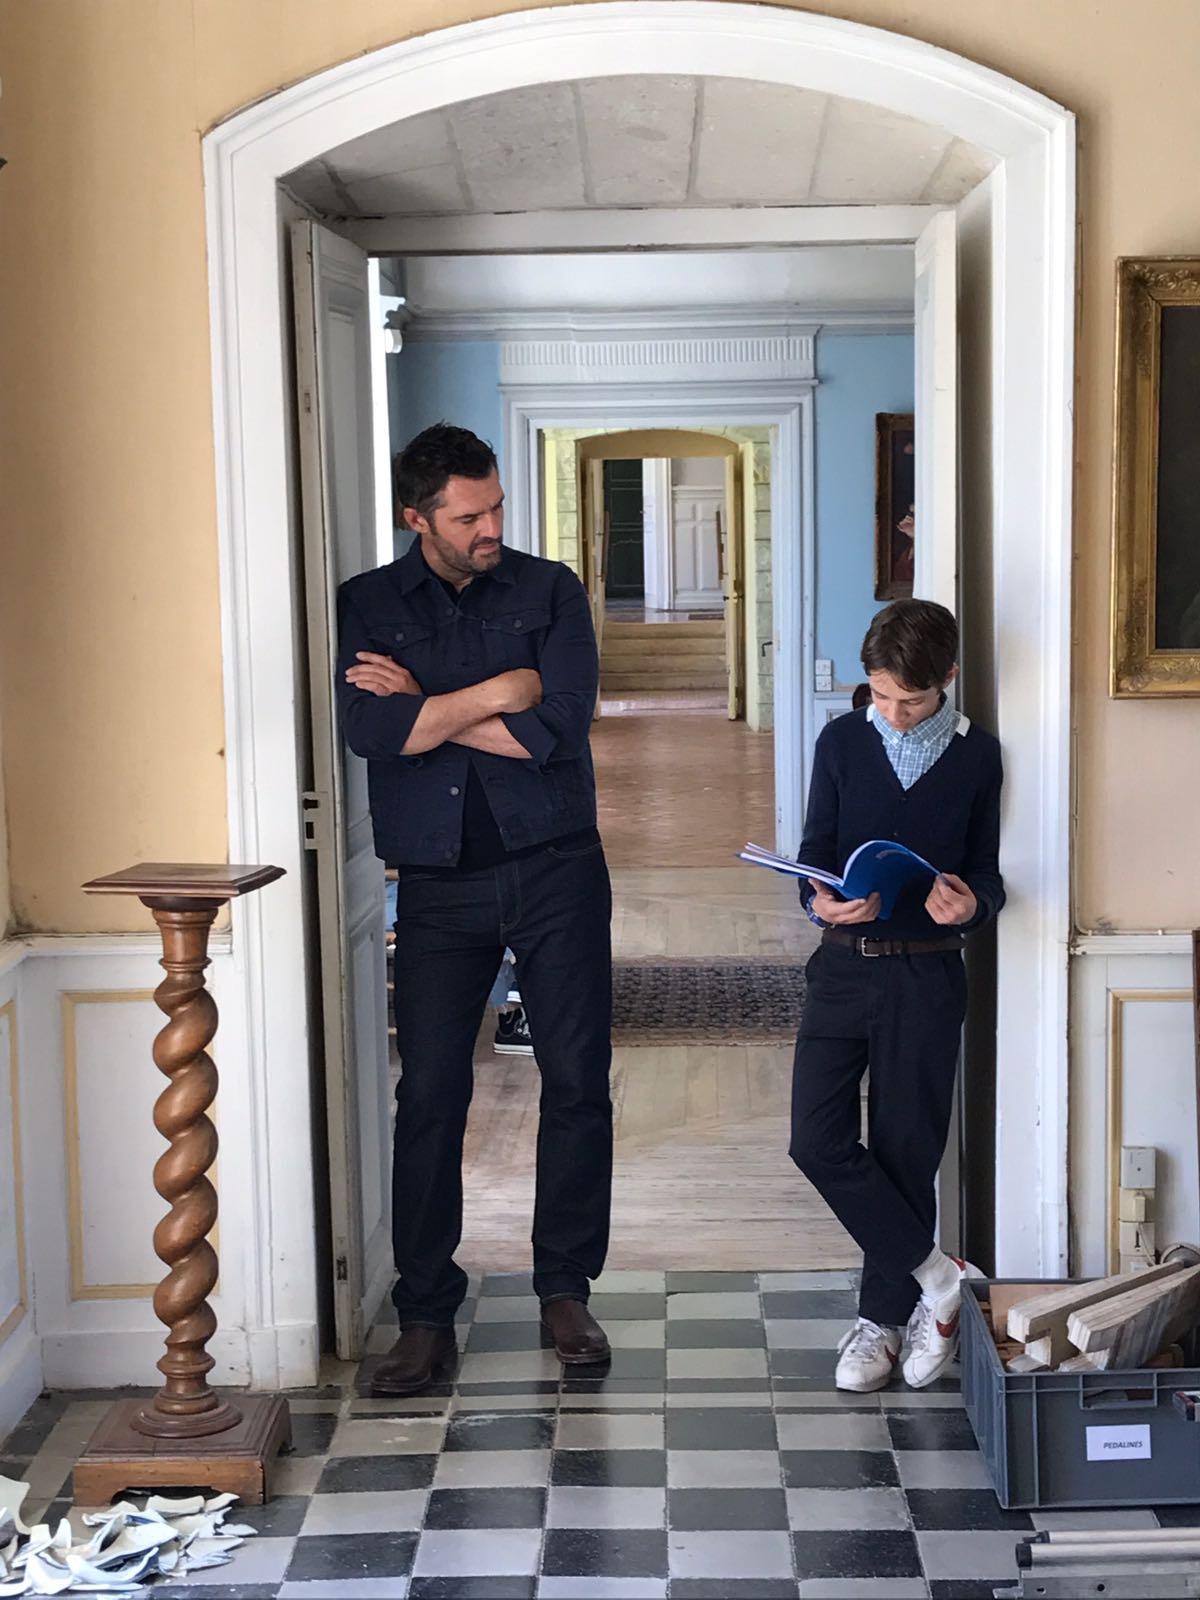 Max Baissette de Malglaive and Arnaud Ducret in Monsieur je-sais-tout (2018)